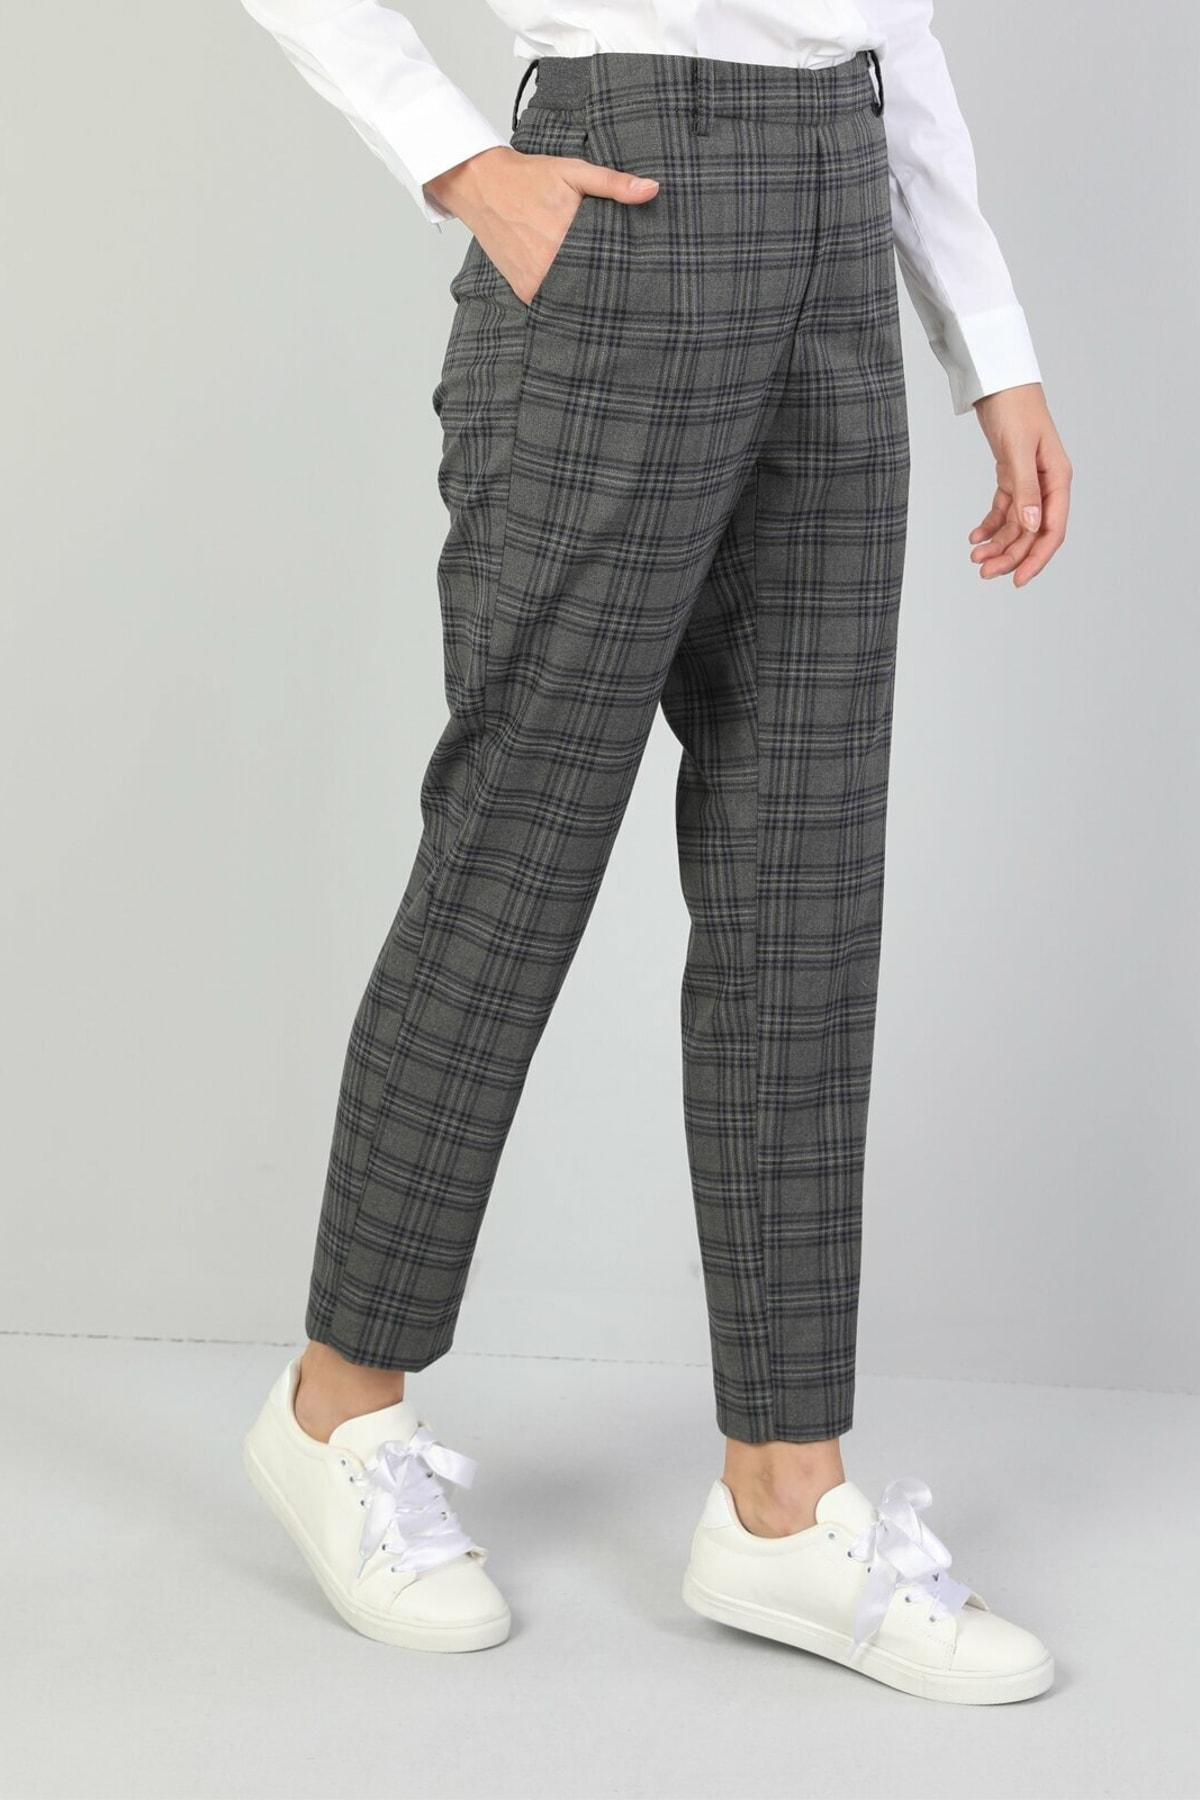 KADIN Slim Fit Düşük Bel Düz Paça Kadın Koyu Gri Pantolon CL1044965